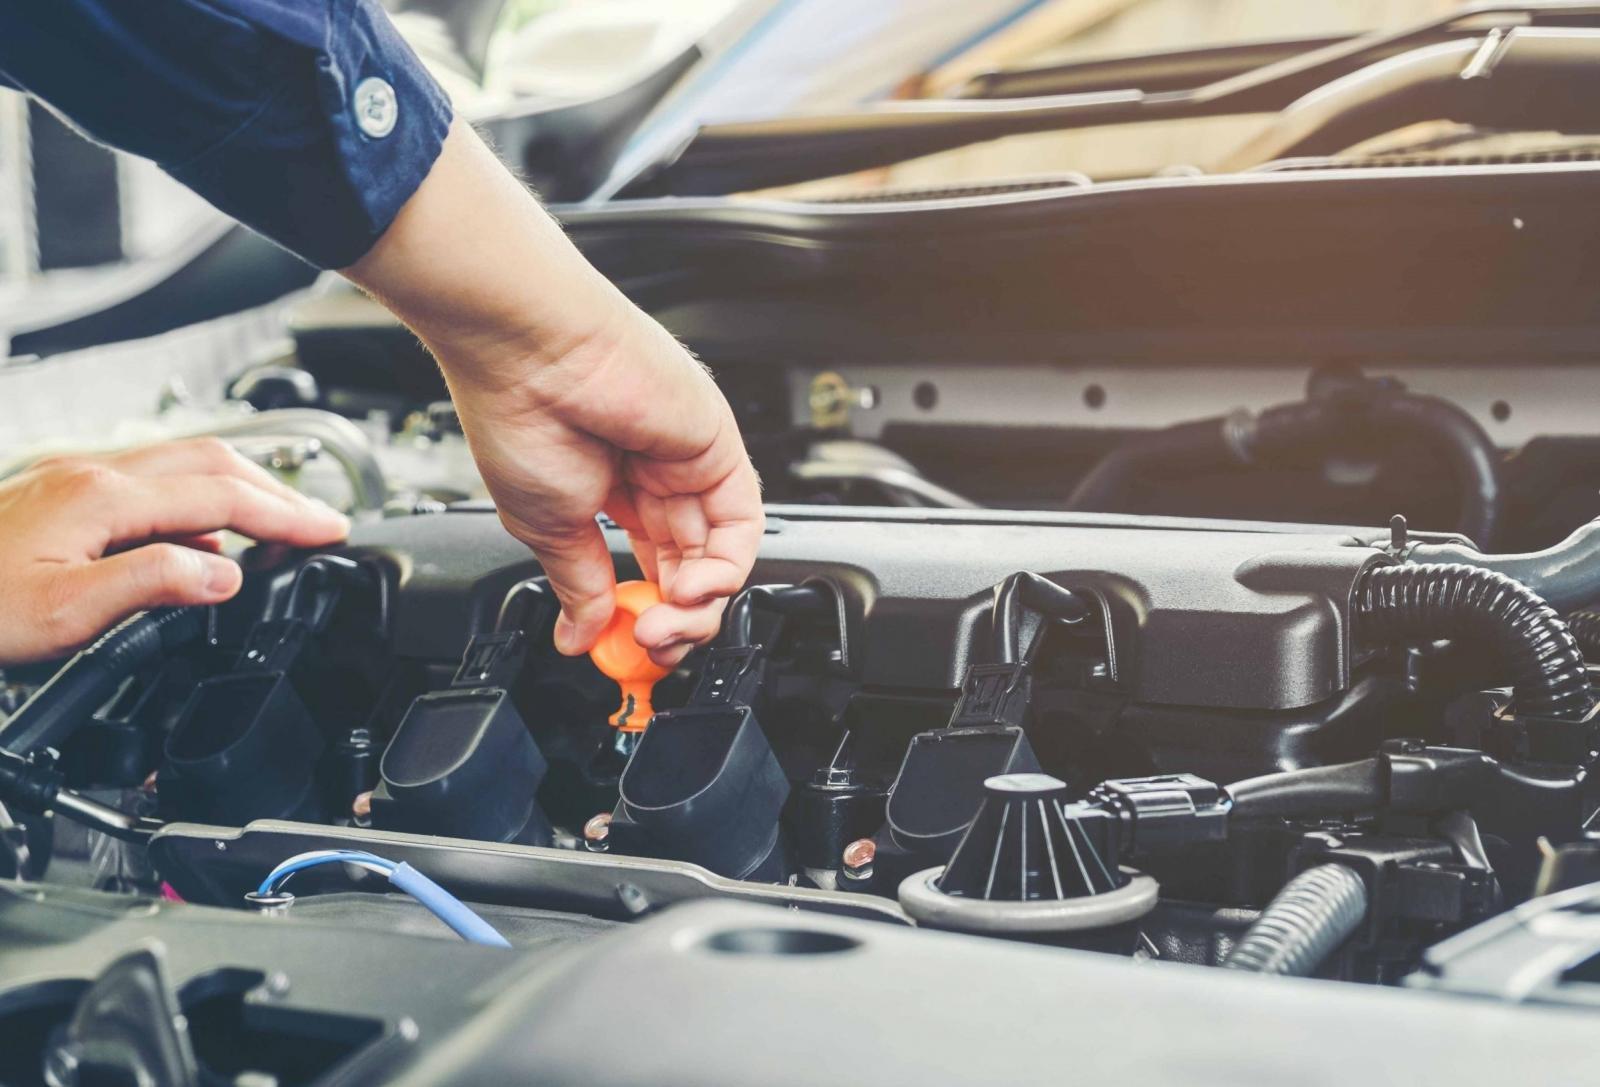 Kinh nghiệm lái xe ô tô đường dài an toàn đó là cần kiểm tra xe thật kỹ trước khi khởi hành.